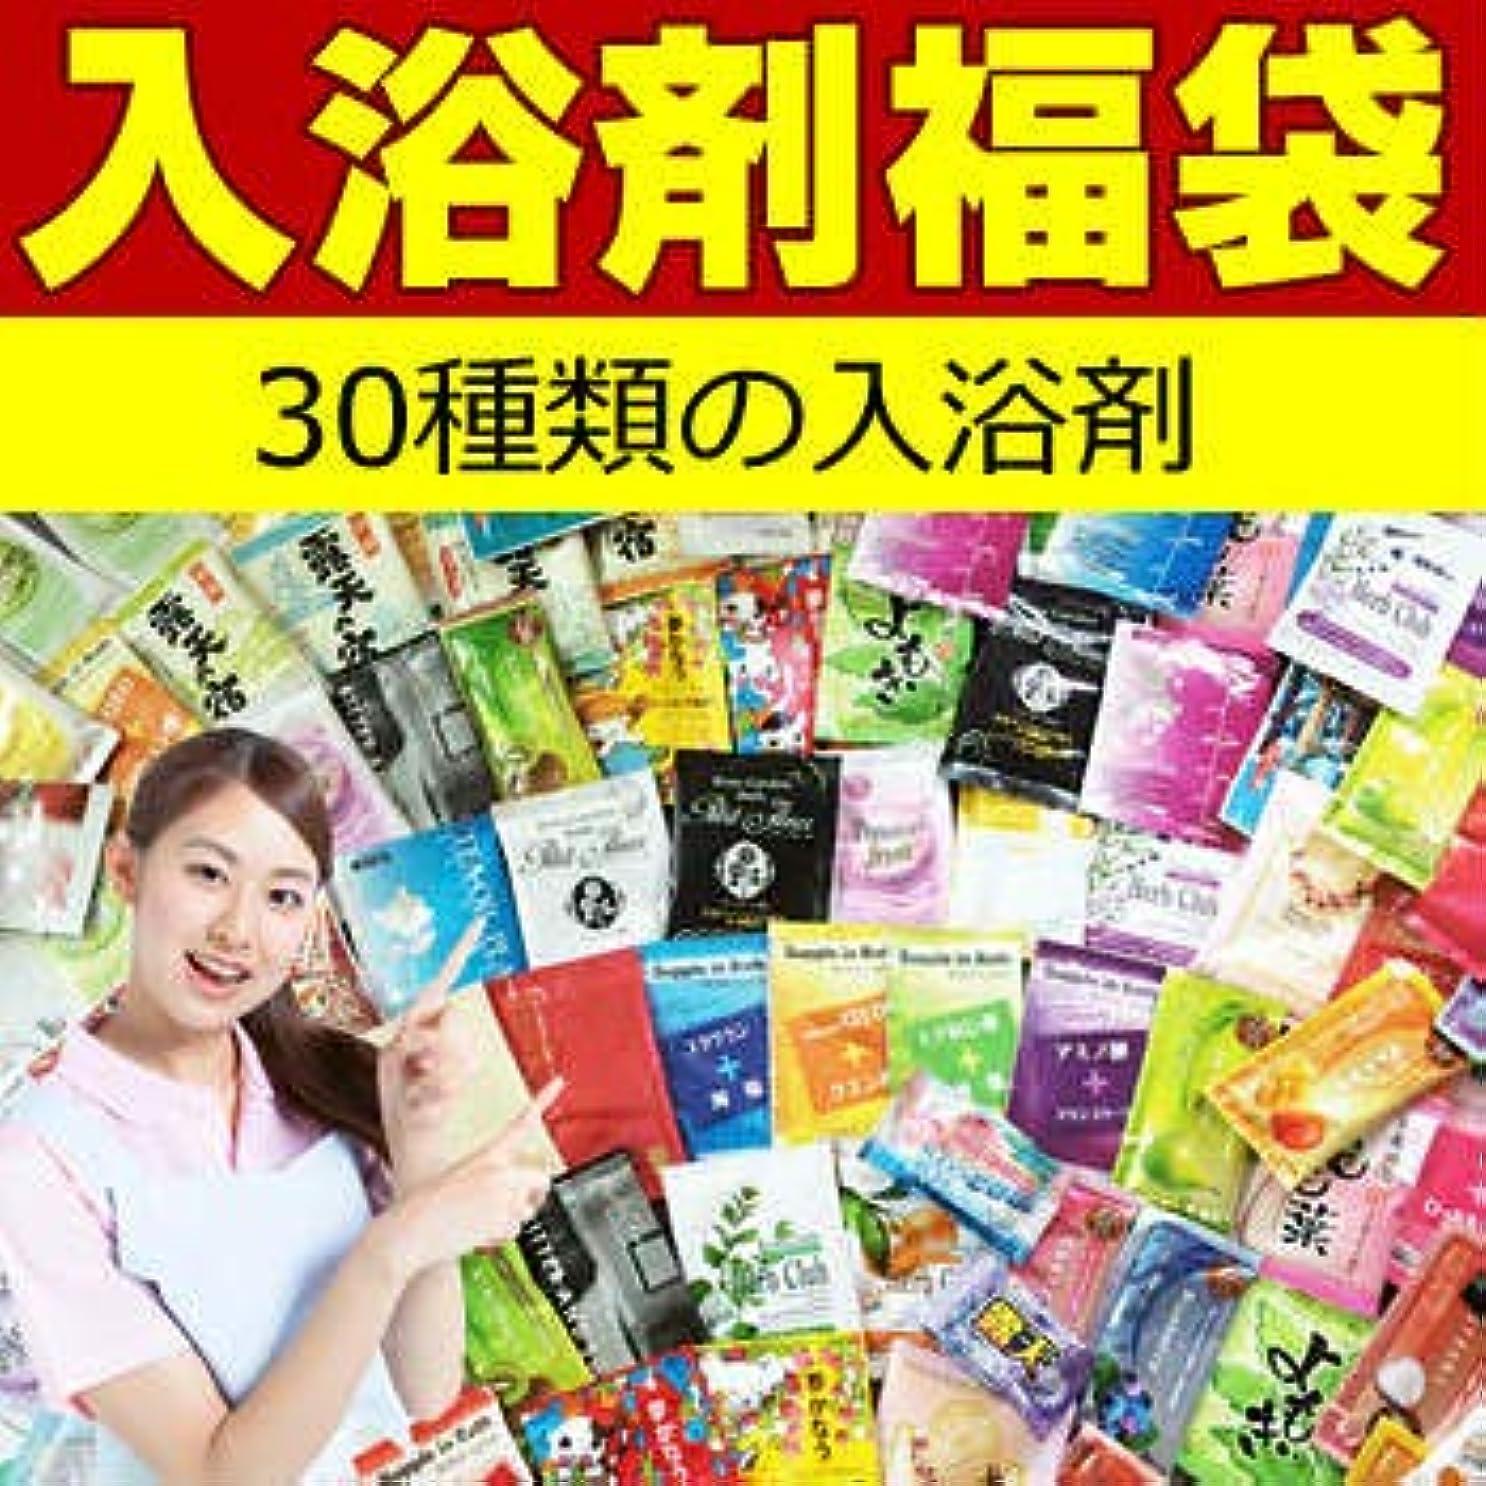 歌手不快な教育者福袋 入浴剤 30種類30日分 日本製